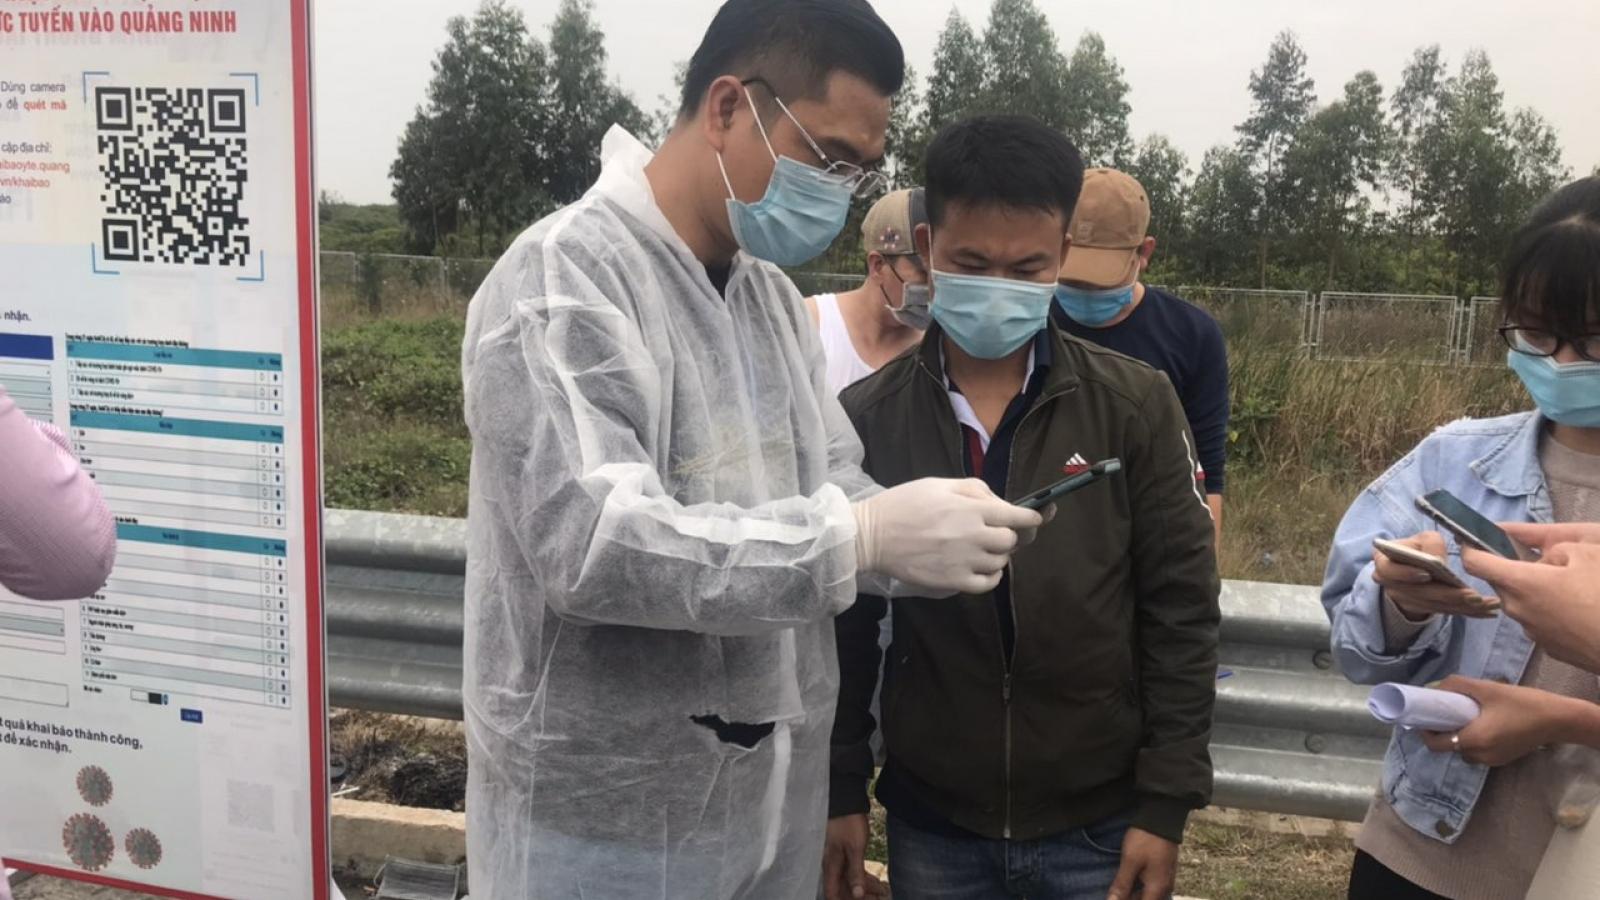 Khai báo y tế điện tử đẩy nhanh quá trình kiểm soát người ra vào tỉnhQuảng Ninh